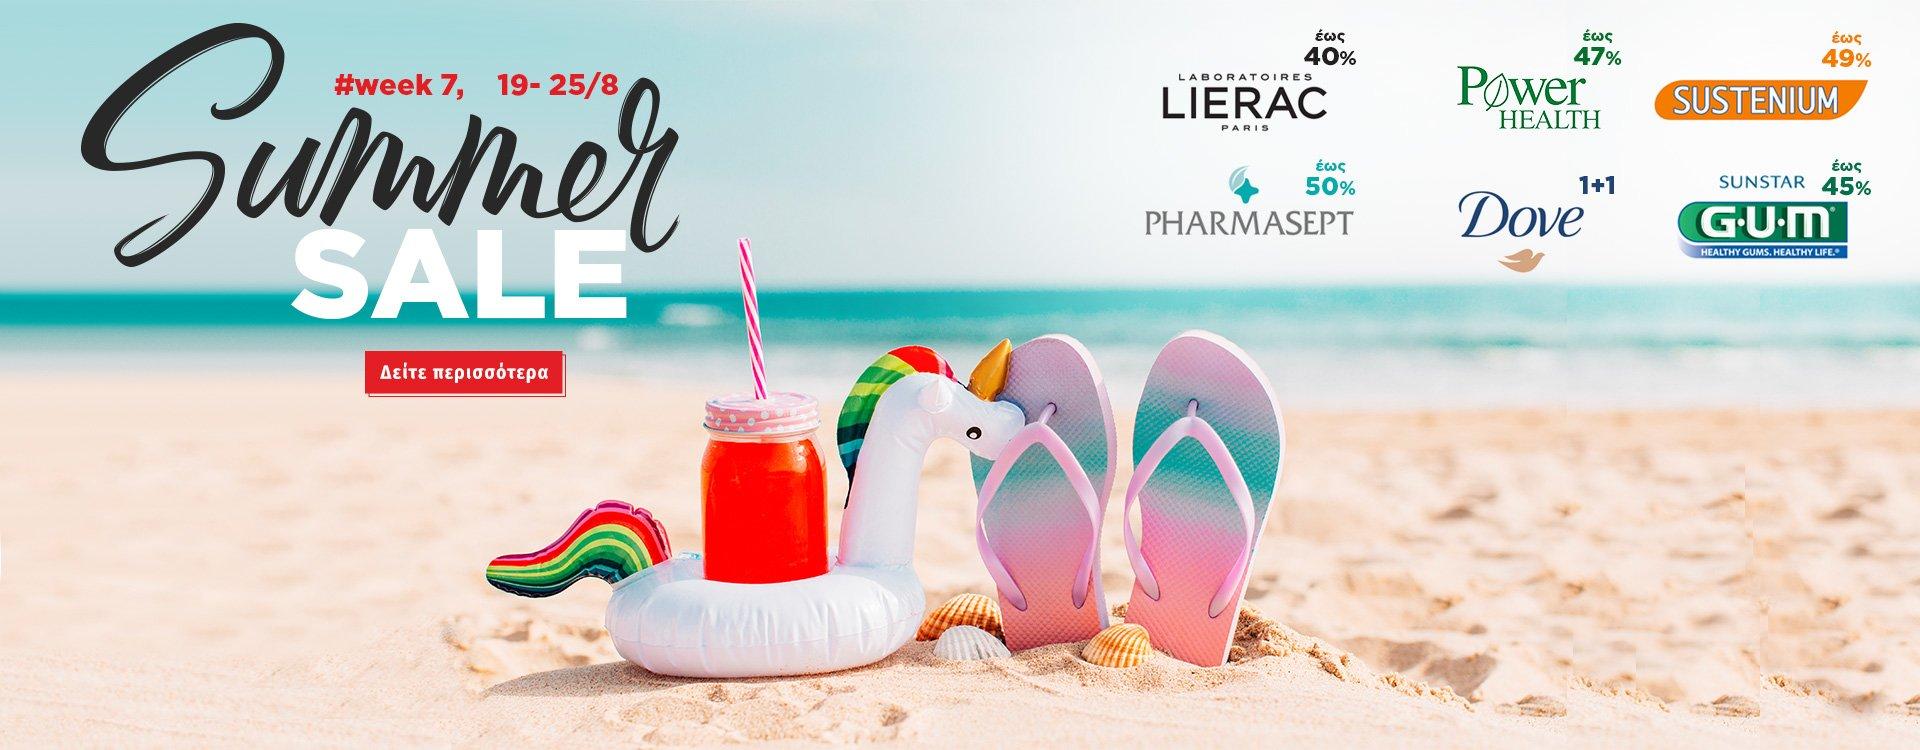 Summer Sales Week 7